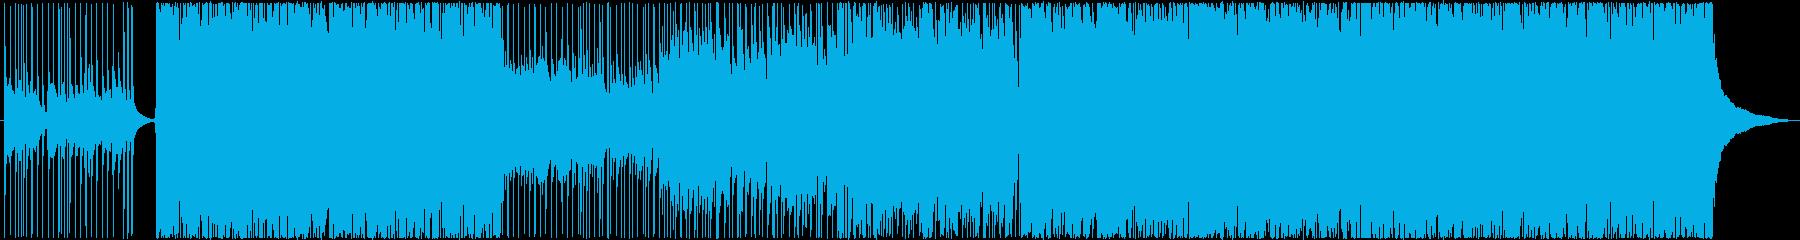 バンド音楽 ロック系 バトルシーンなどの再生済みの波形